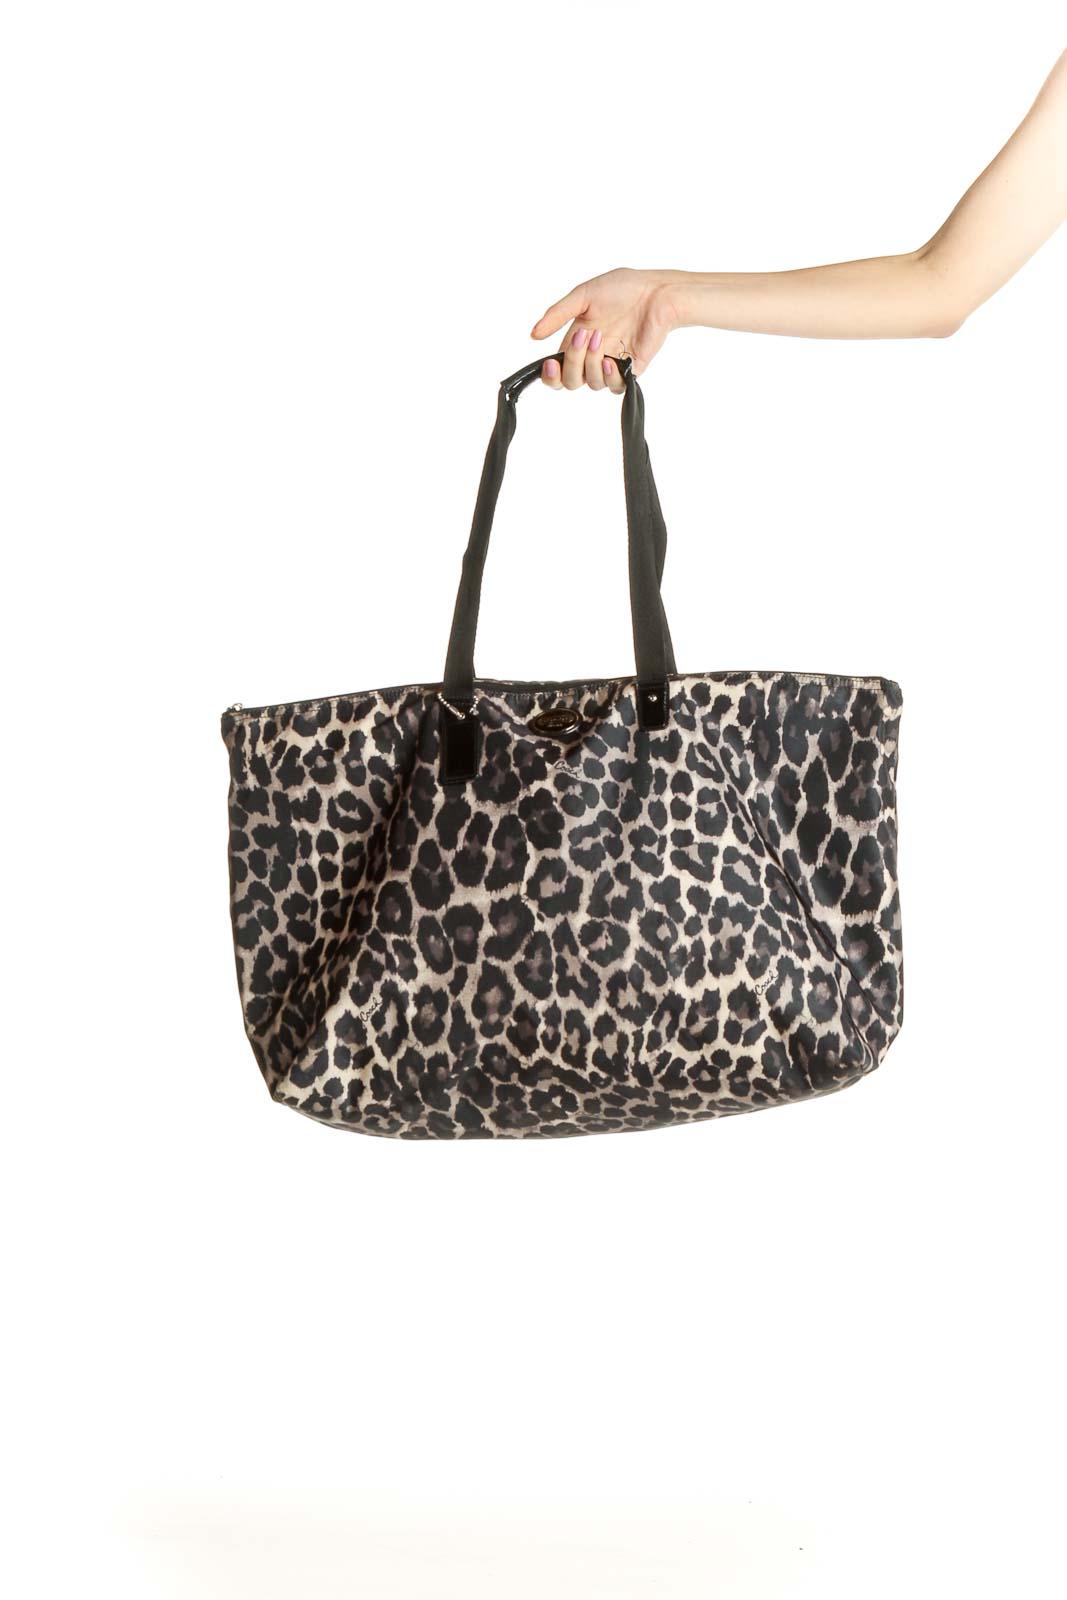 Black Cheetah Print Tote Bag Front